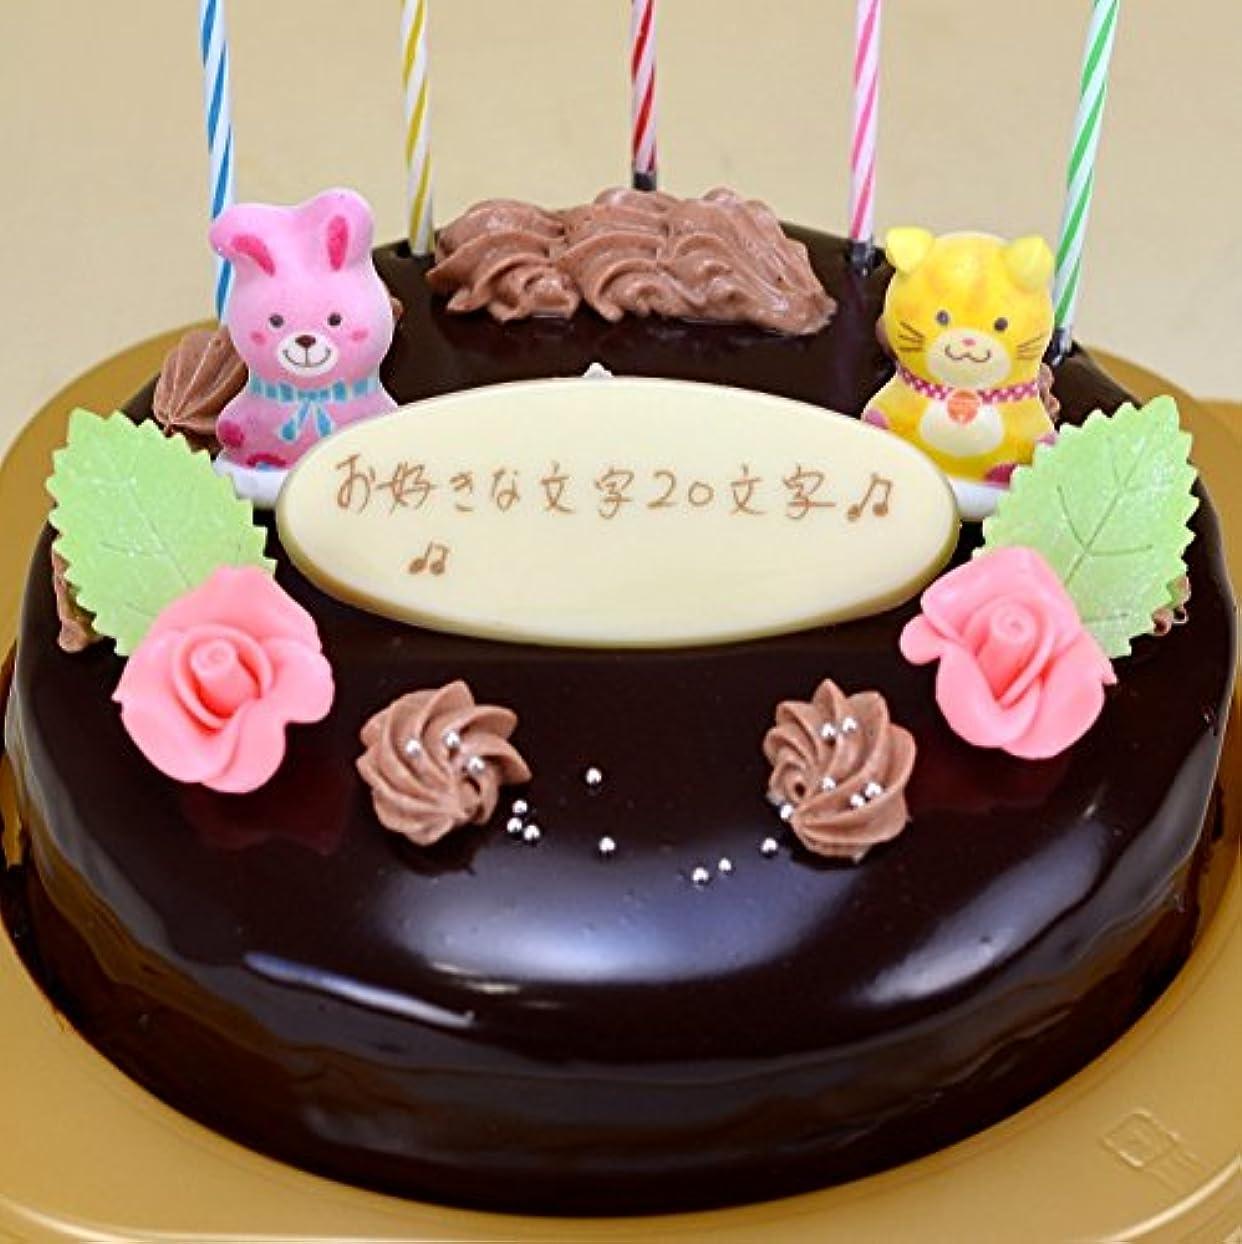 最終的に手数料しがみつく誕生誕生日ケーキ バースデーケーキ DX 花デコ 動物菓子付 BCC生チョコザッハトルテ5号 15cmチョコケーキ